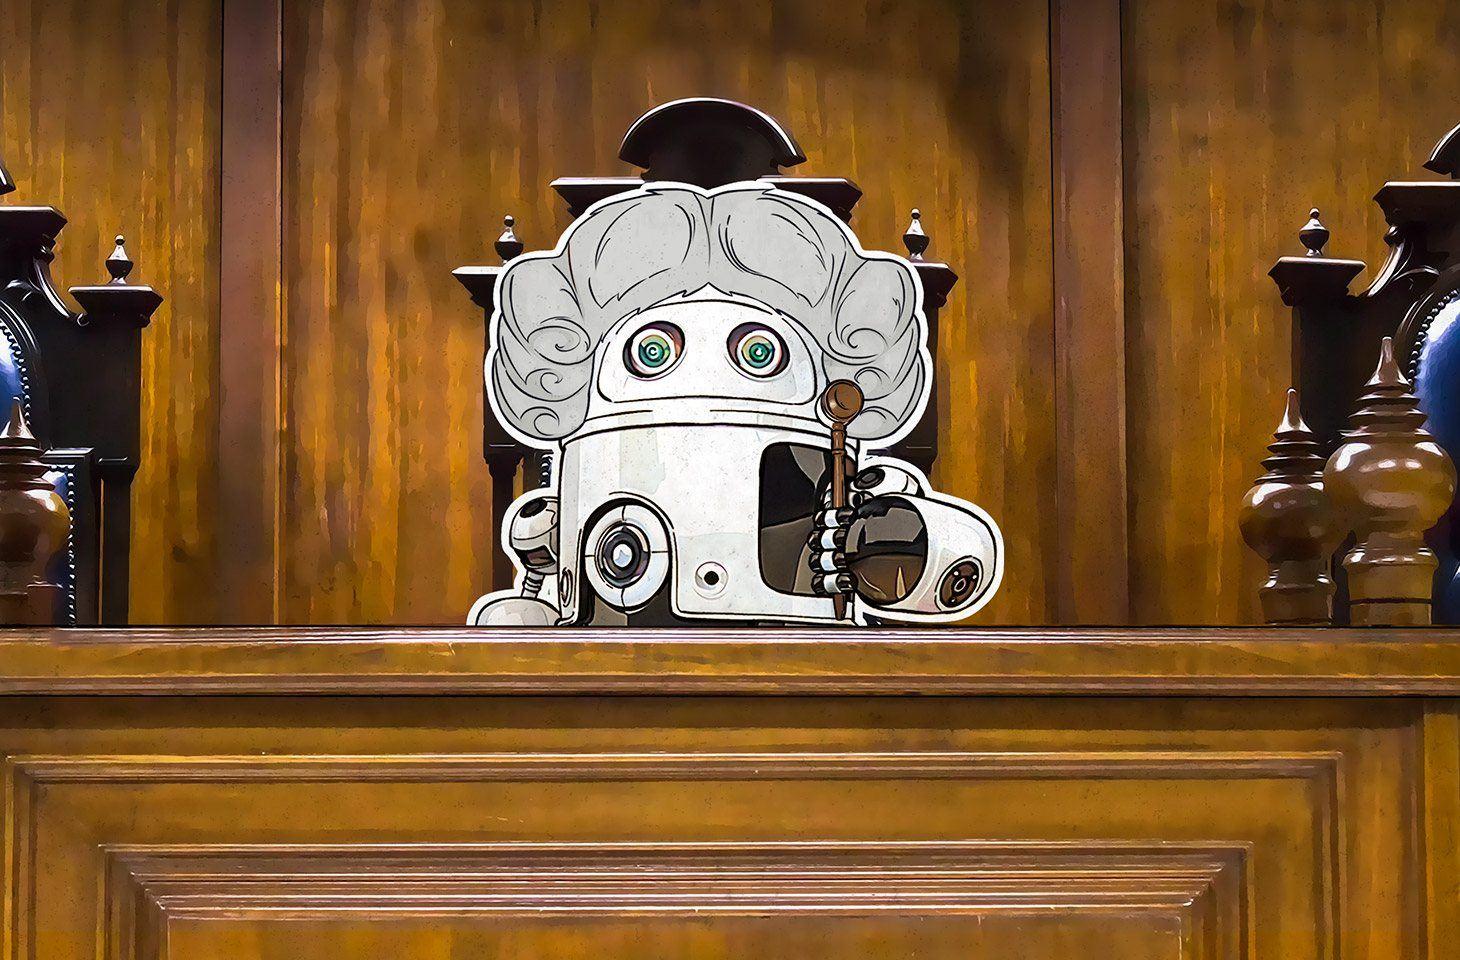 Quando a inteligência artificial afeta nossas vidas